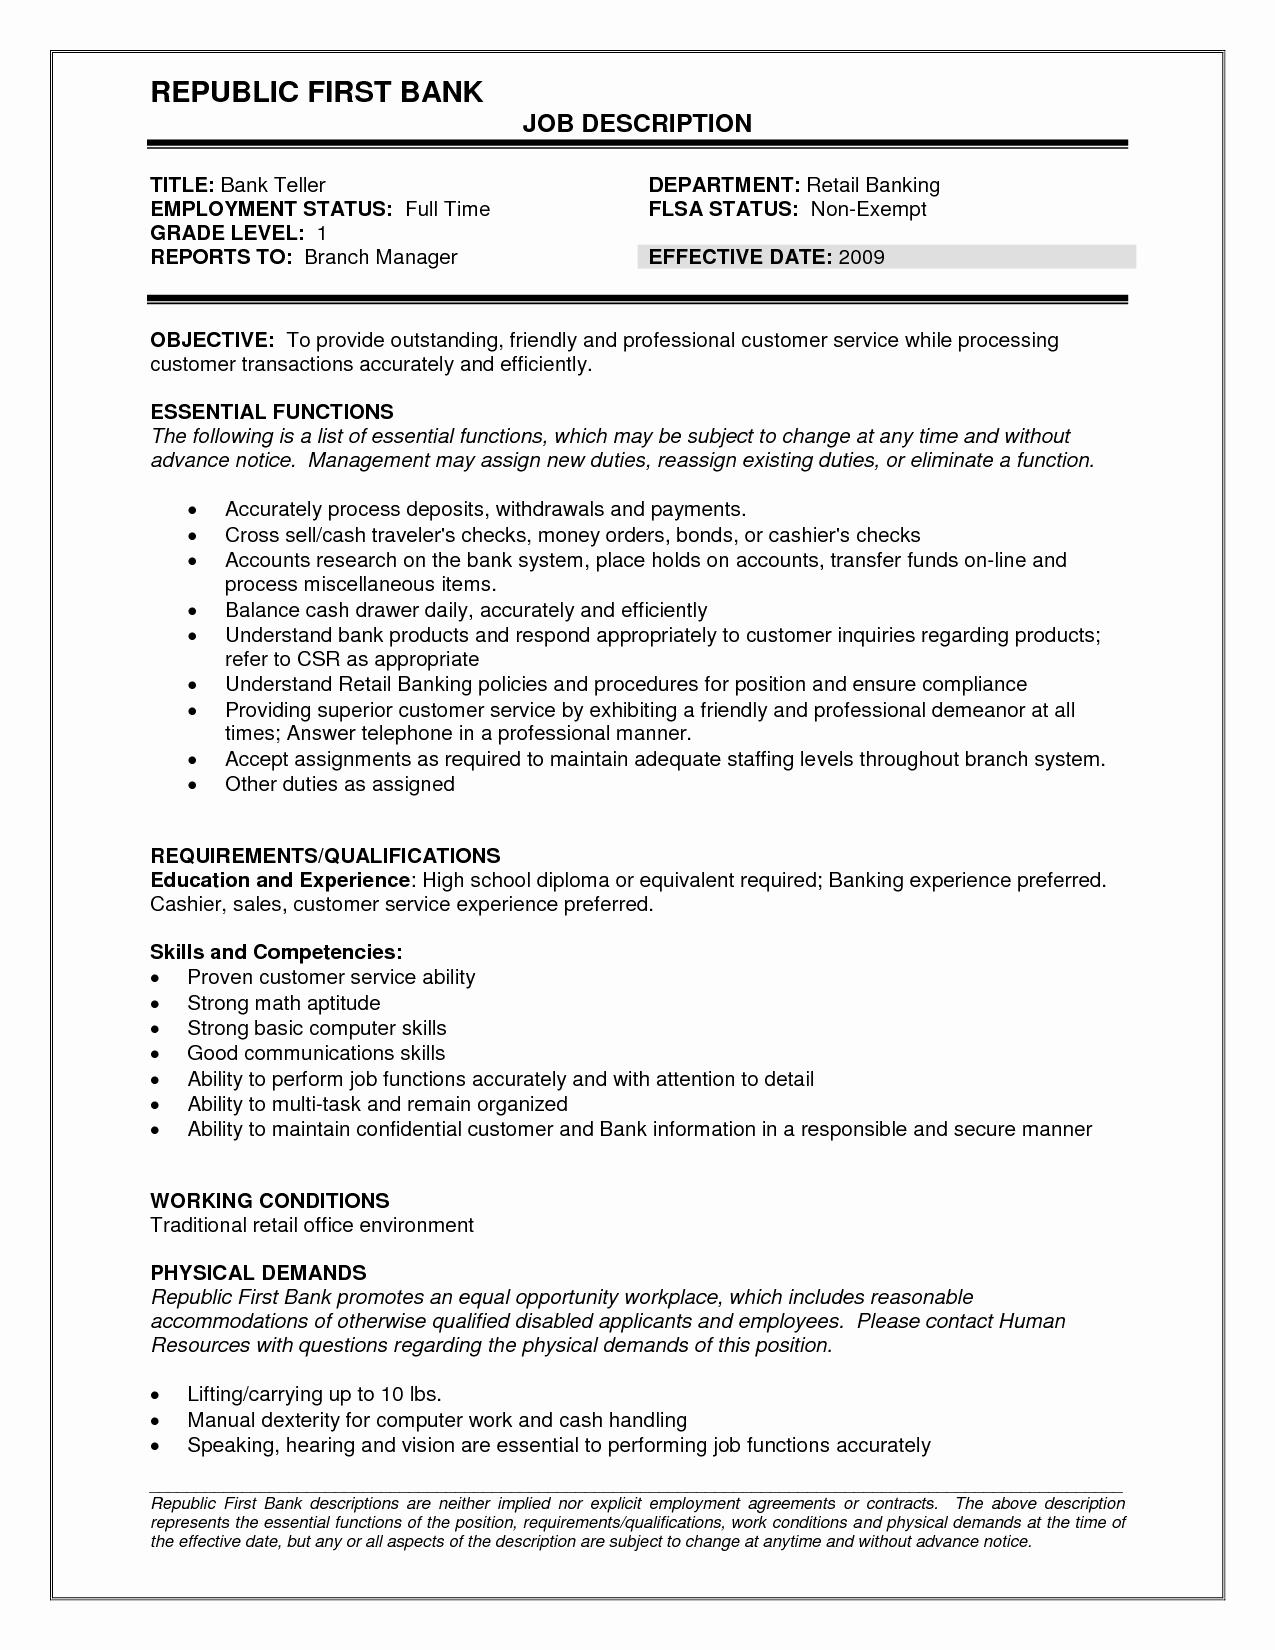 Resumes for Bank Teller Inspirational Bank Teller Job Description Resume Sample